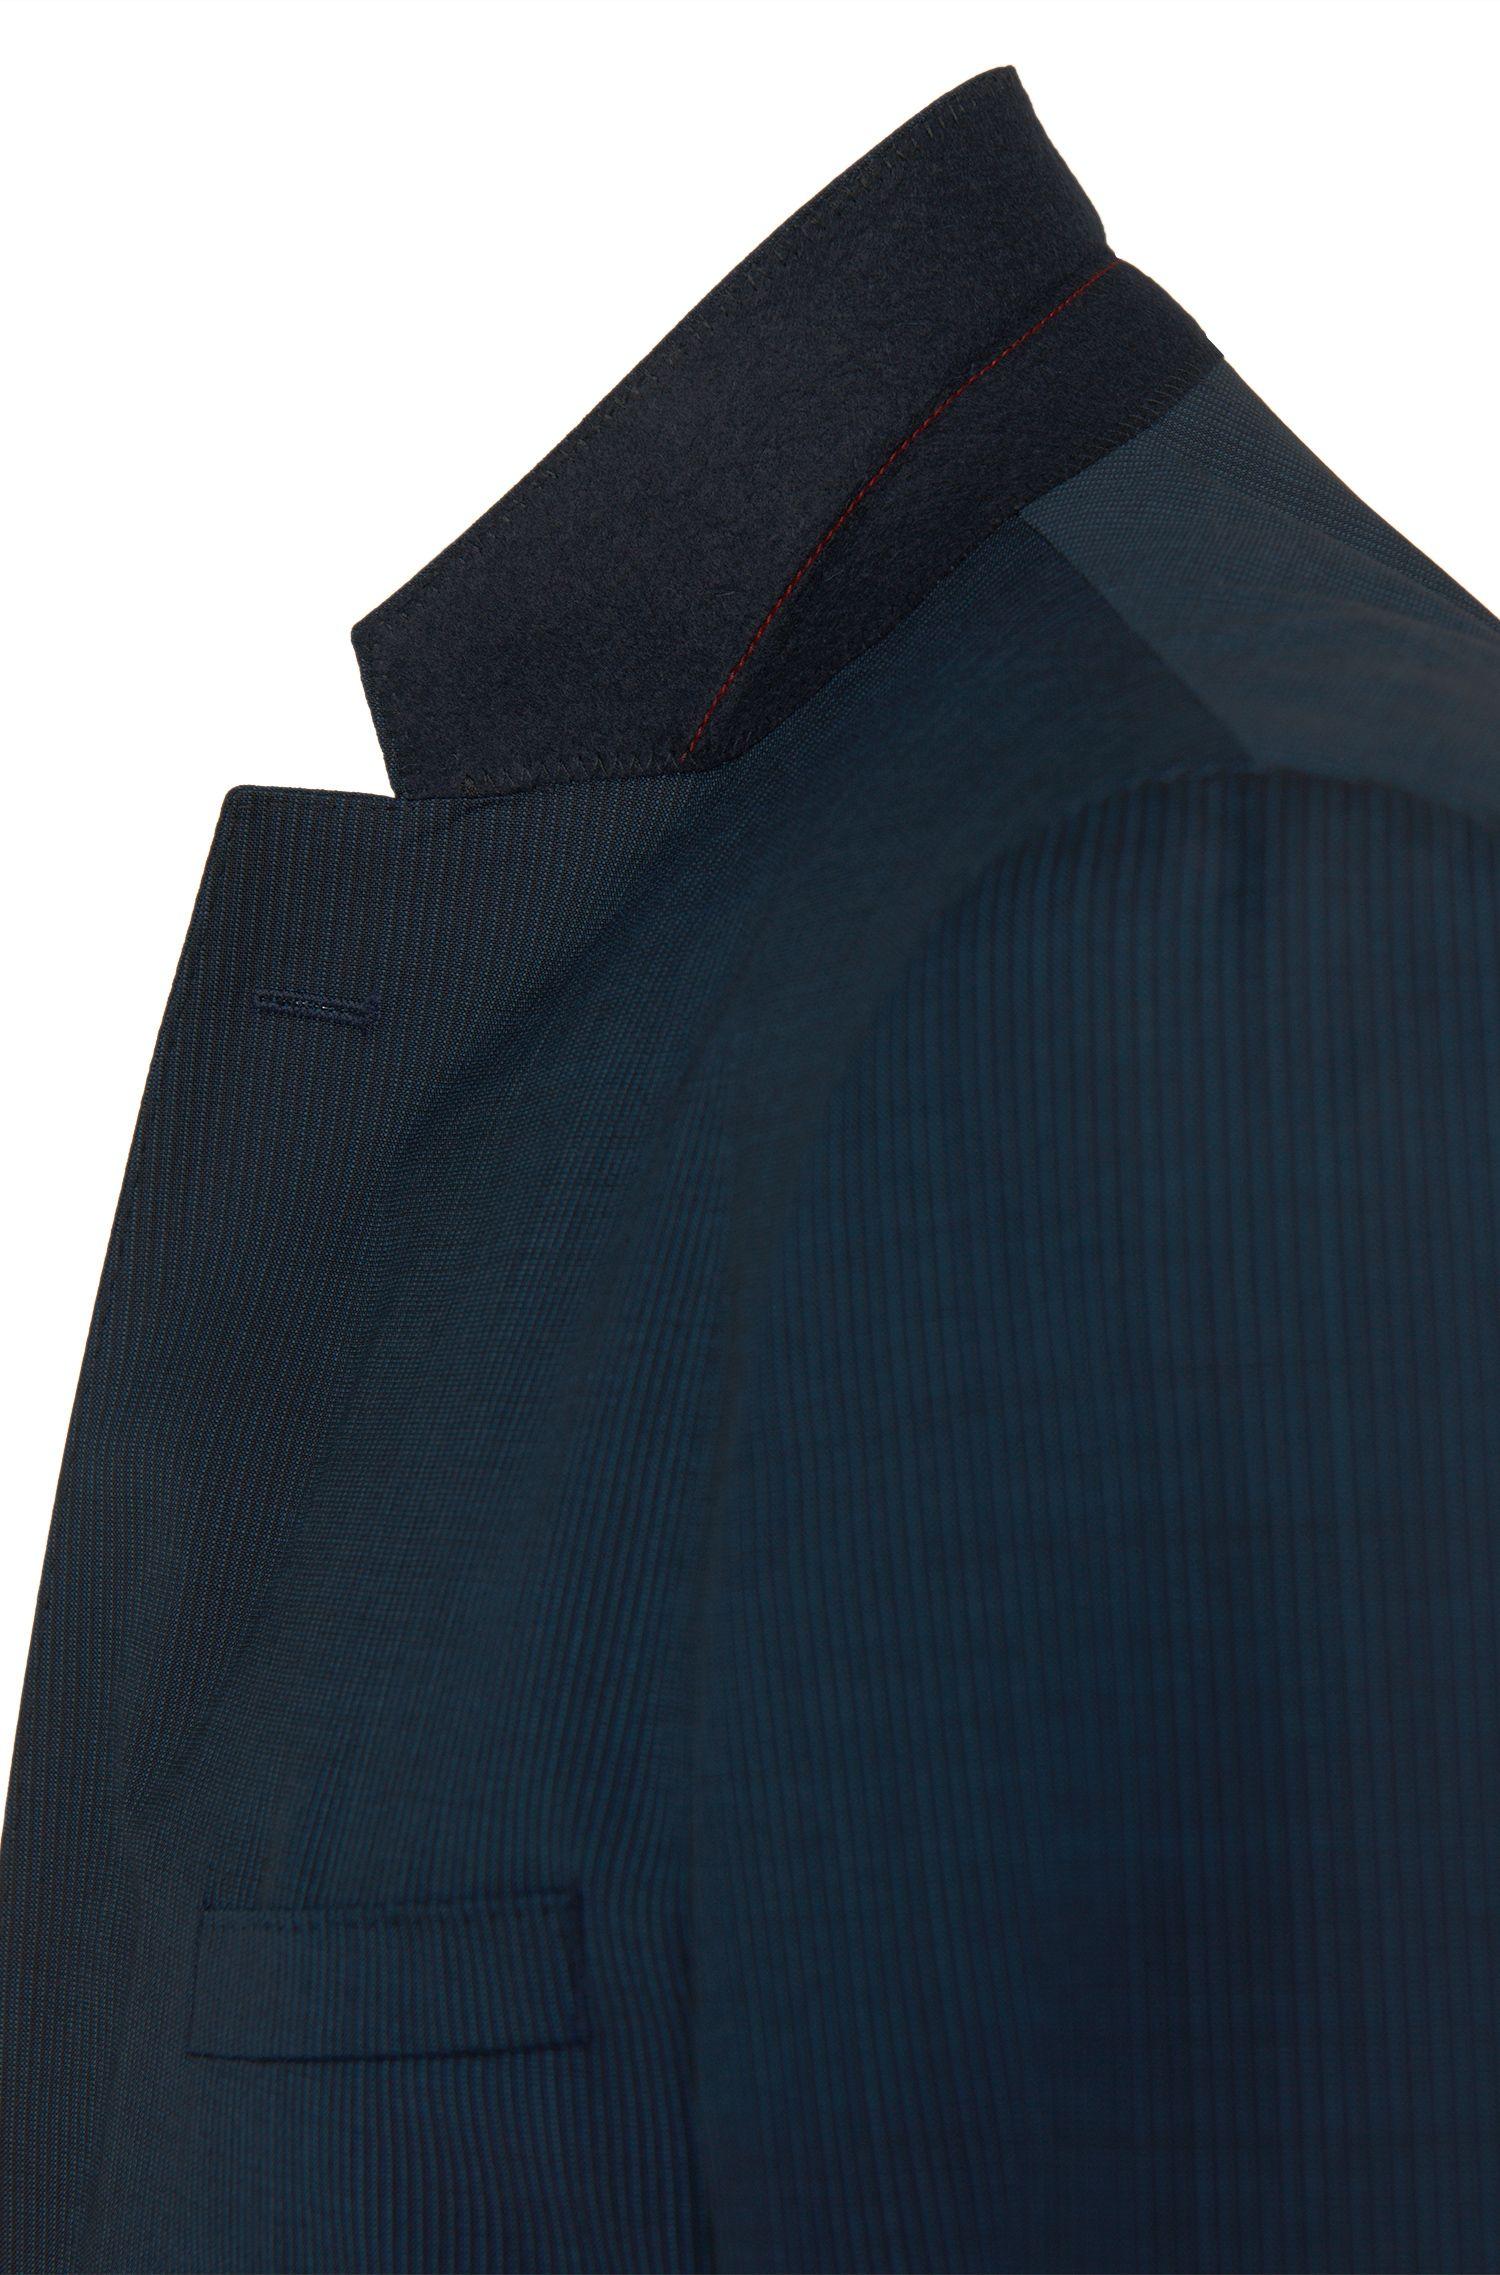 Costume Regular Fit en laine vierge agrémentée d'un motif à rayures tennis: «C-Jeffrey/C-Simmons»